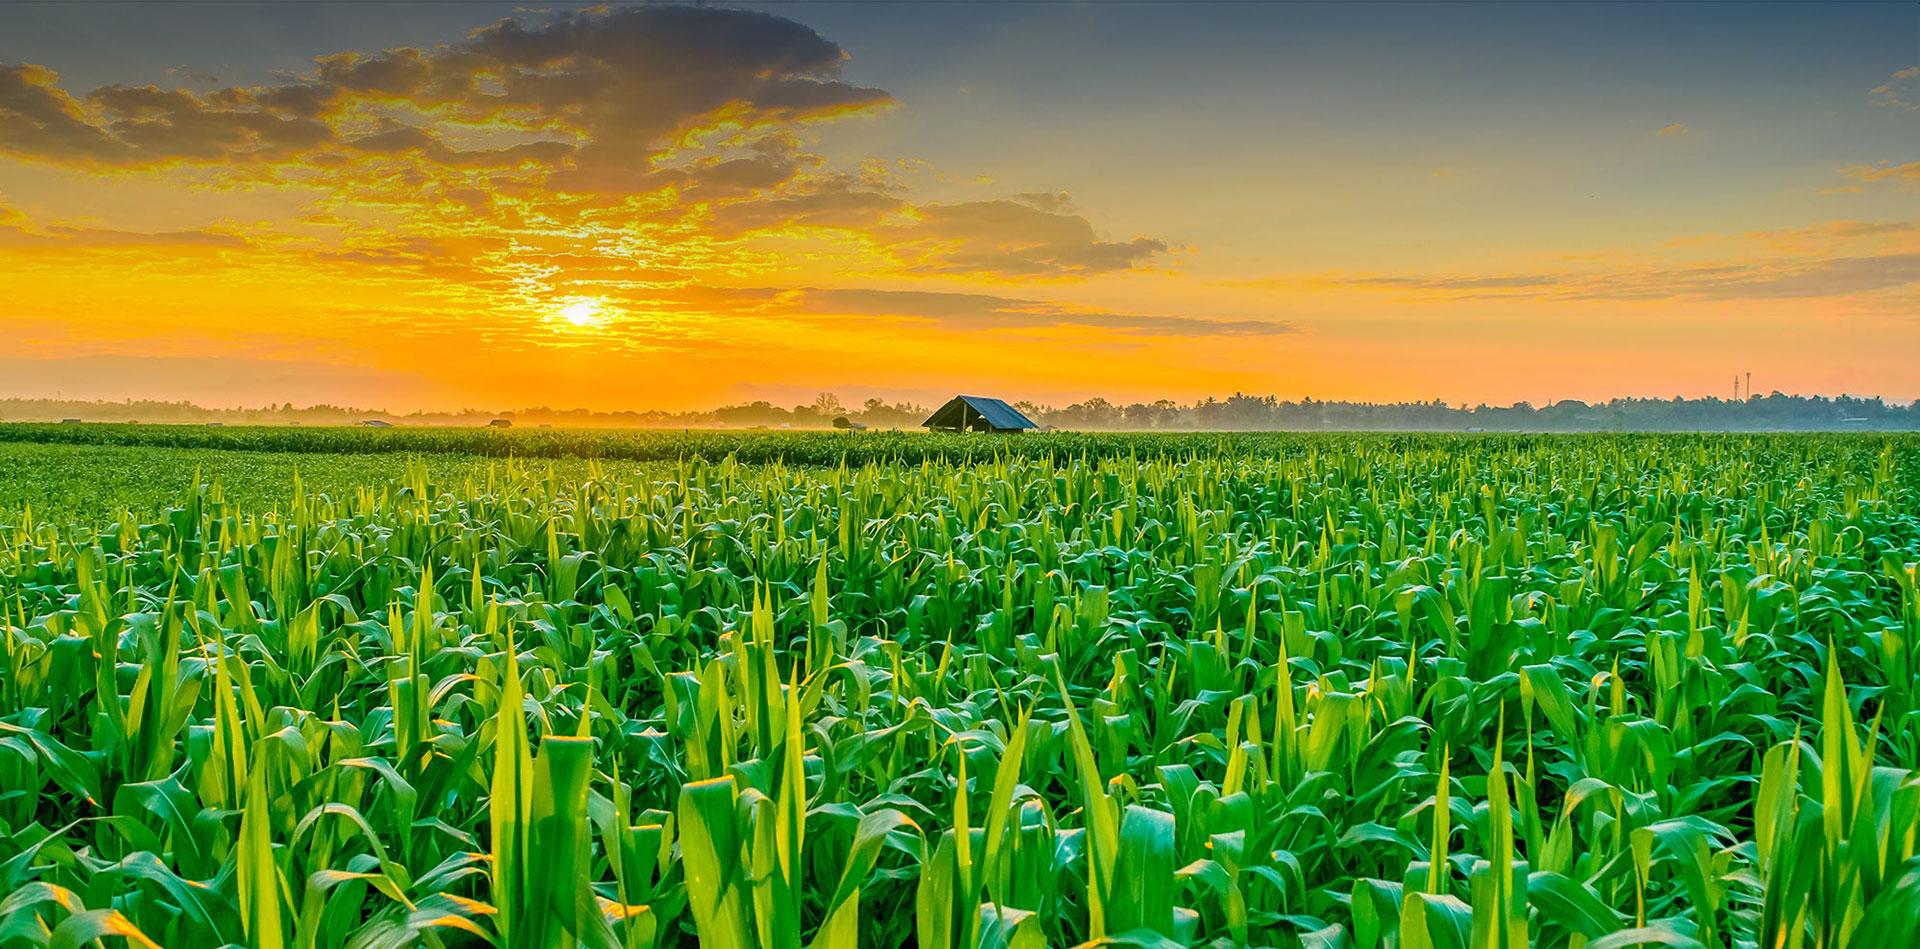 نیازهای فناورانه کشاورزی در رویداد فناورانه آنلاین معرفی می شود